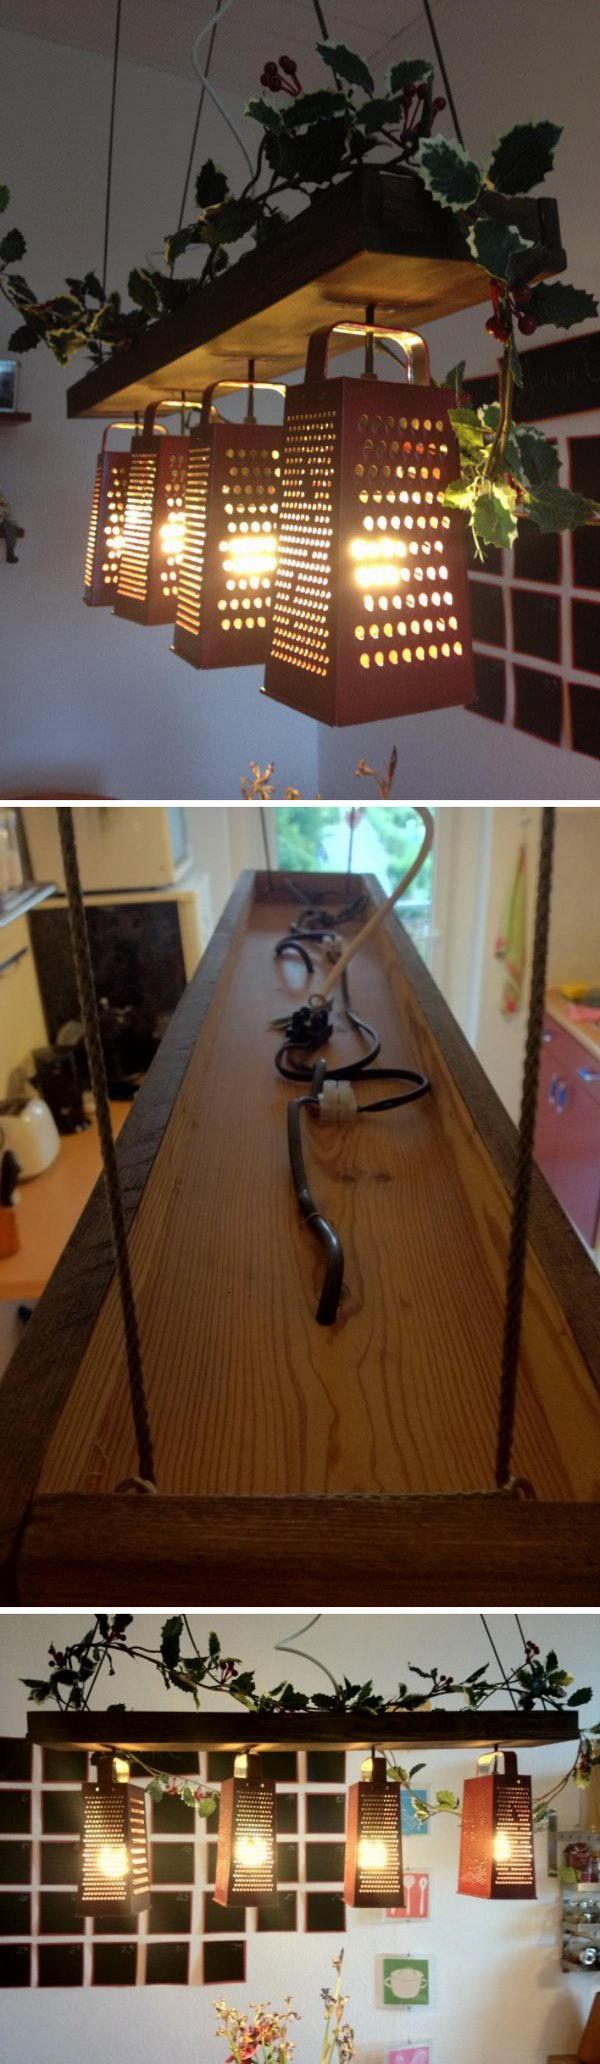 14 lamp ideas diy - 20 Easy DIY Lamp Ideas for Home Decor